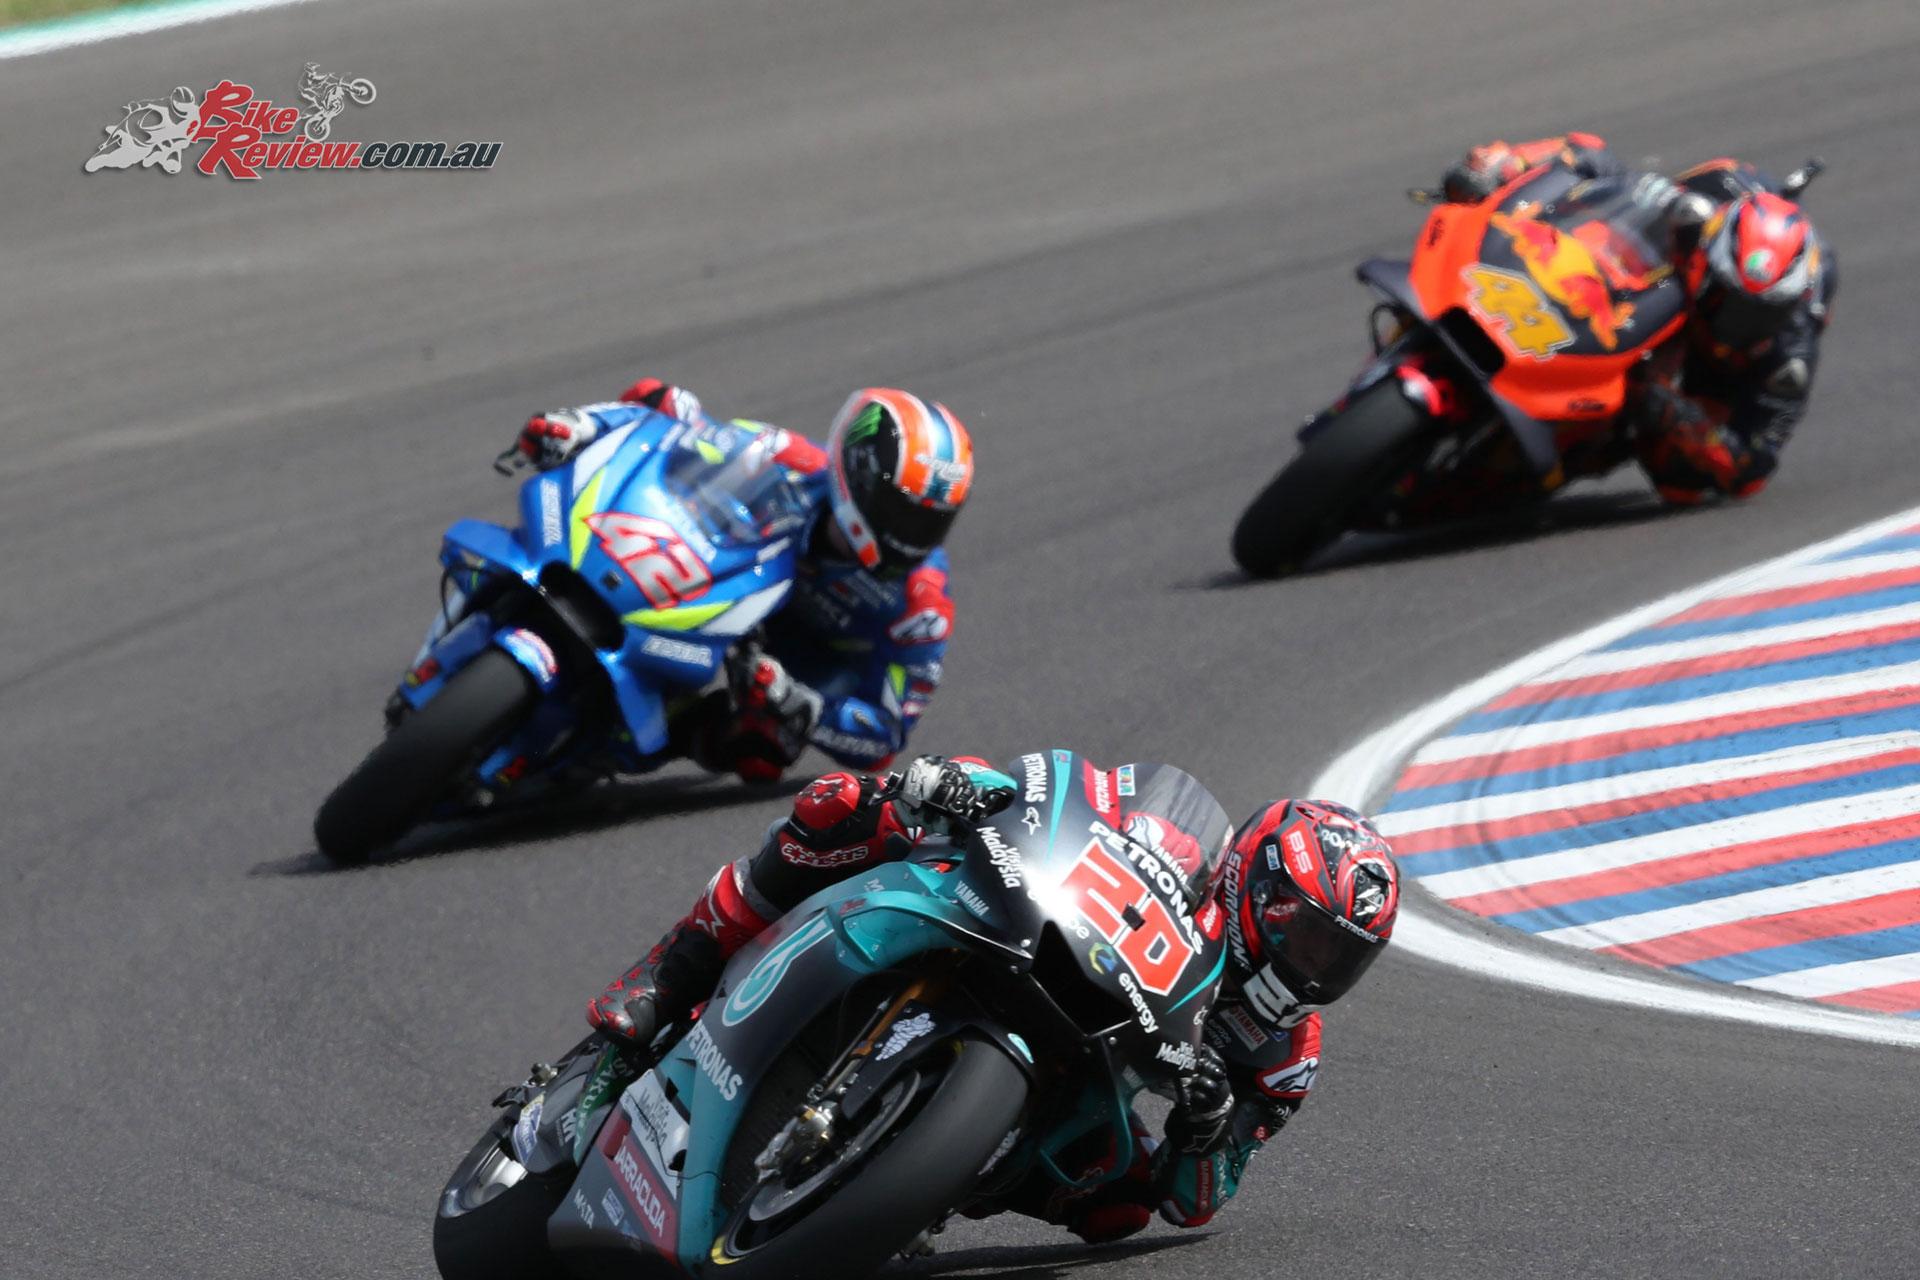 Fabio Quartararo - 2019 Circuit of the Americas MotoGP